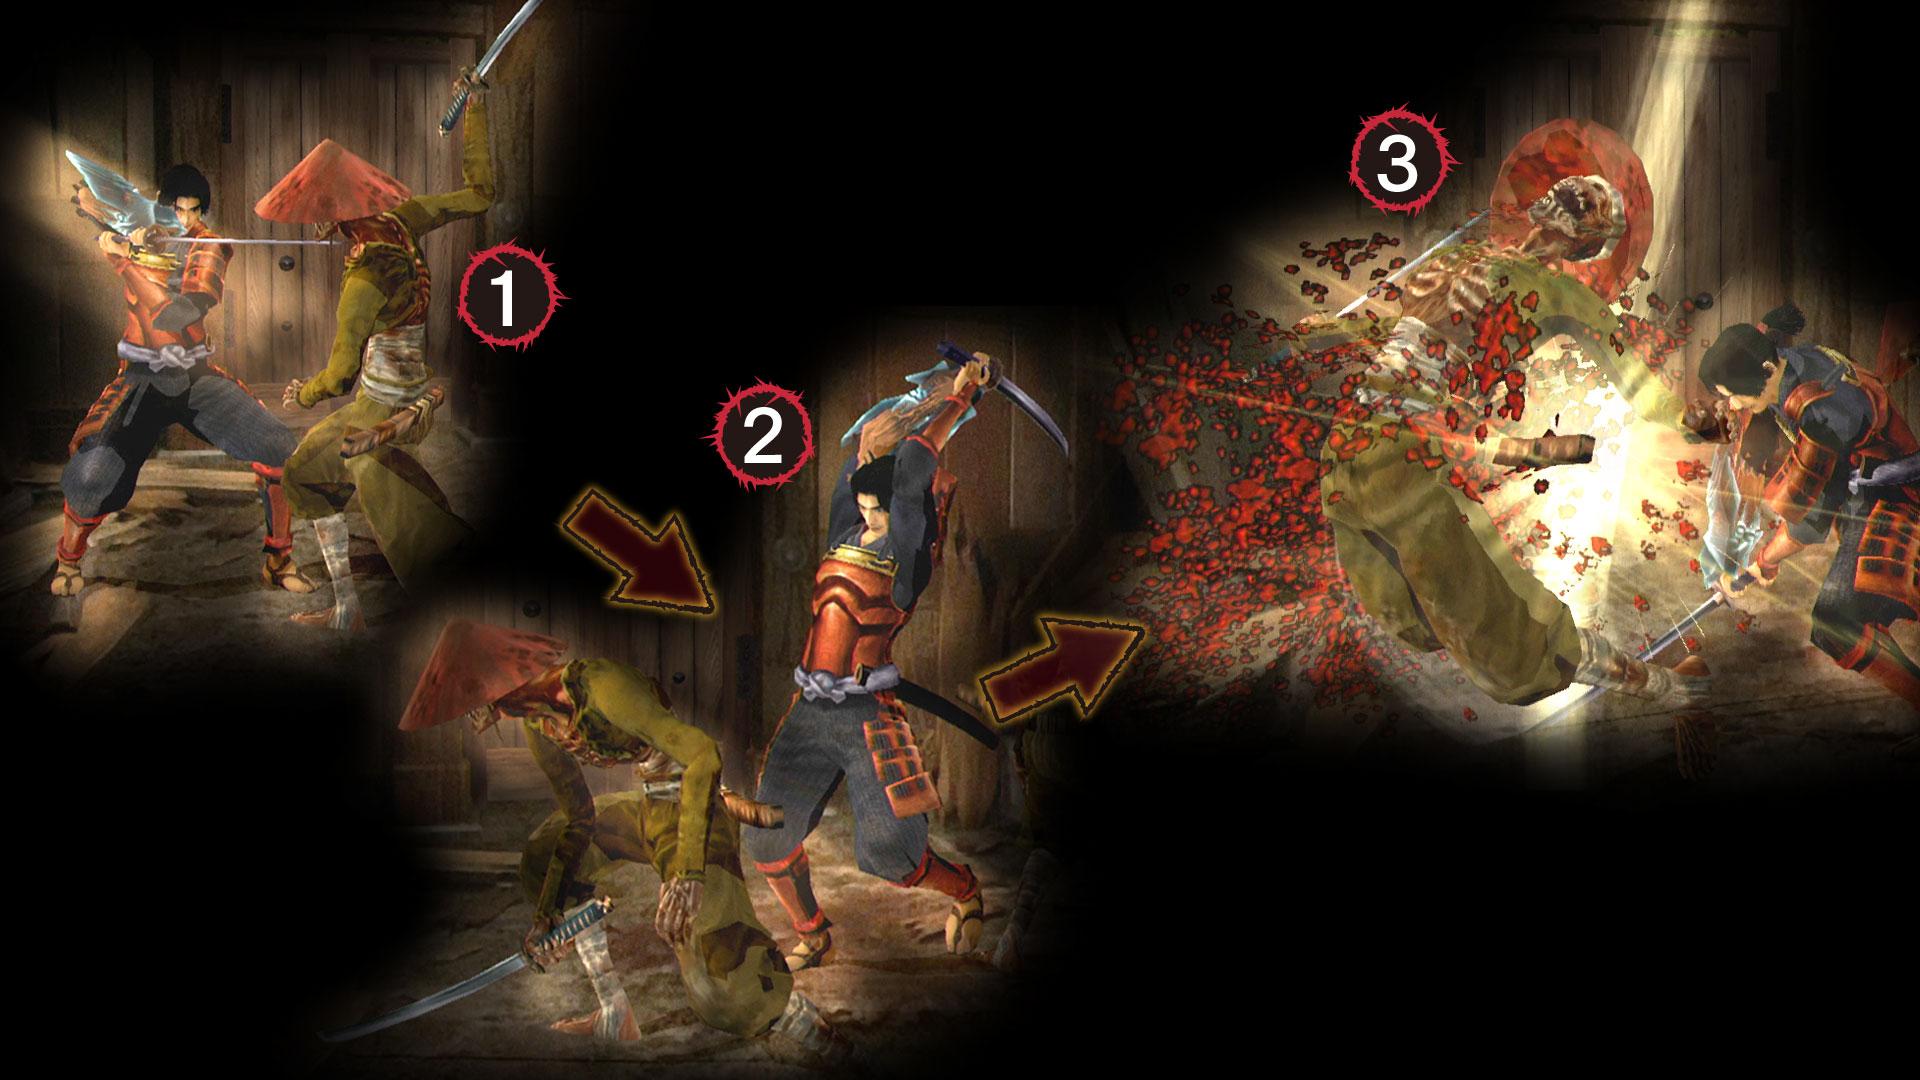 ワイ「このゲーム面白そうやな」ゲームシステム「敵の攻撃が当たる瞬間にボタンを入力すると」